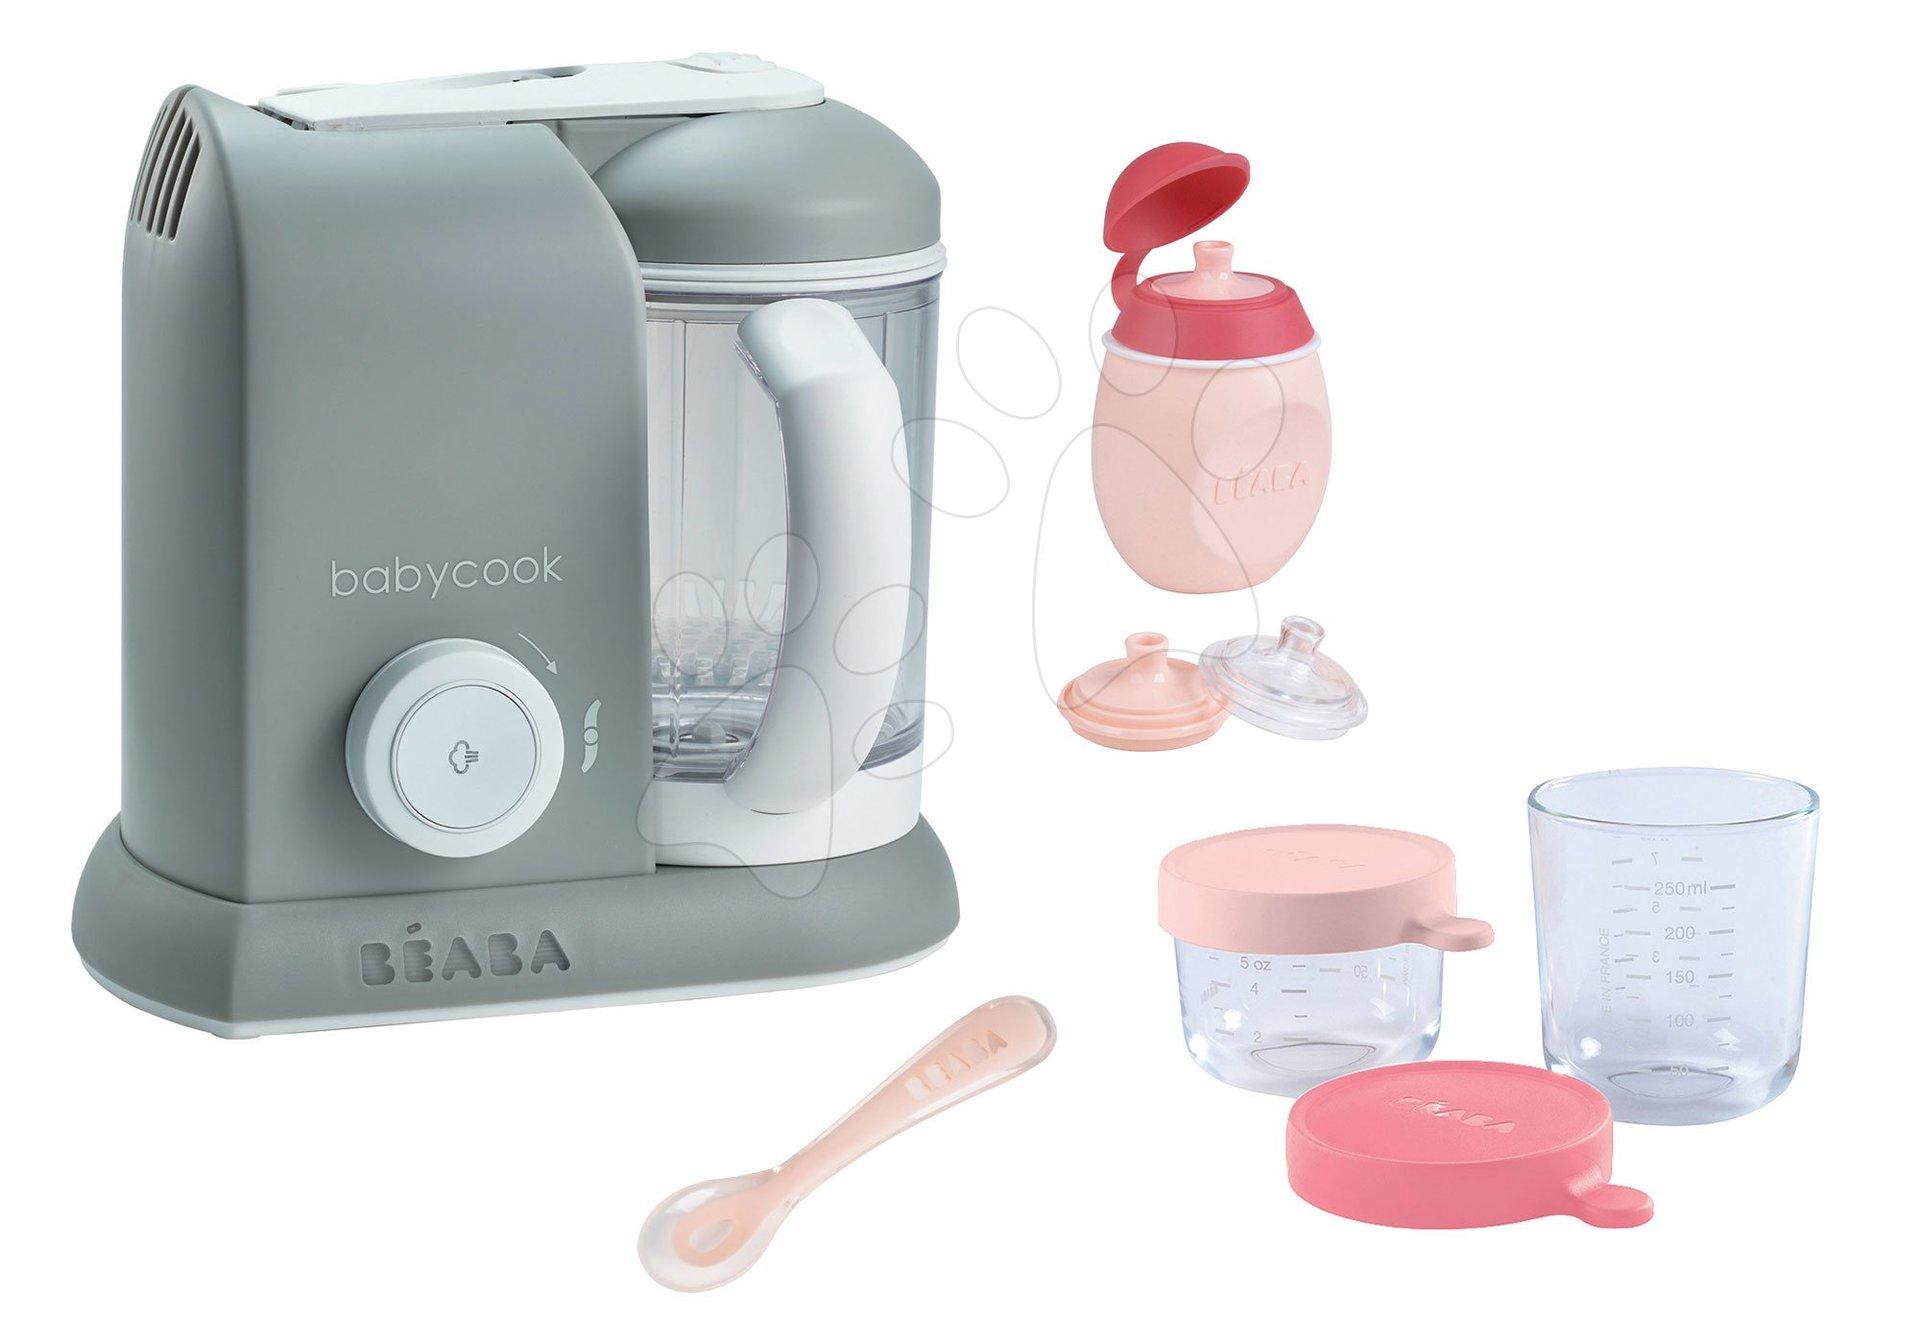 Set parný varič a mixér Beaba Babycook® Solo šedý + darček 2 dózy, fľaštička s uzáverom a lyžička od 0 mesiacov